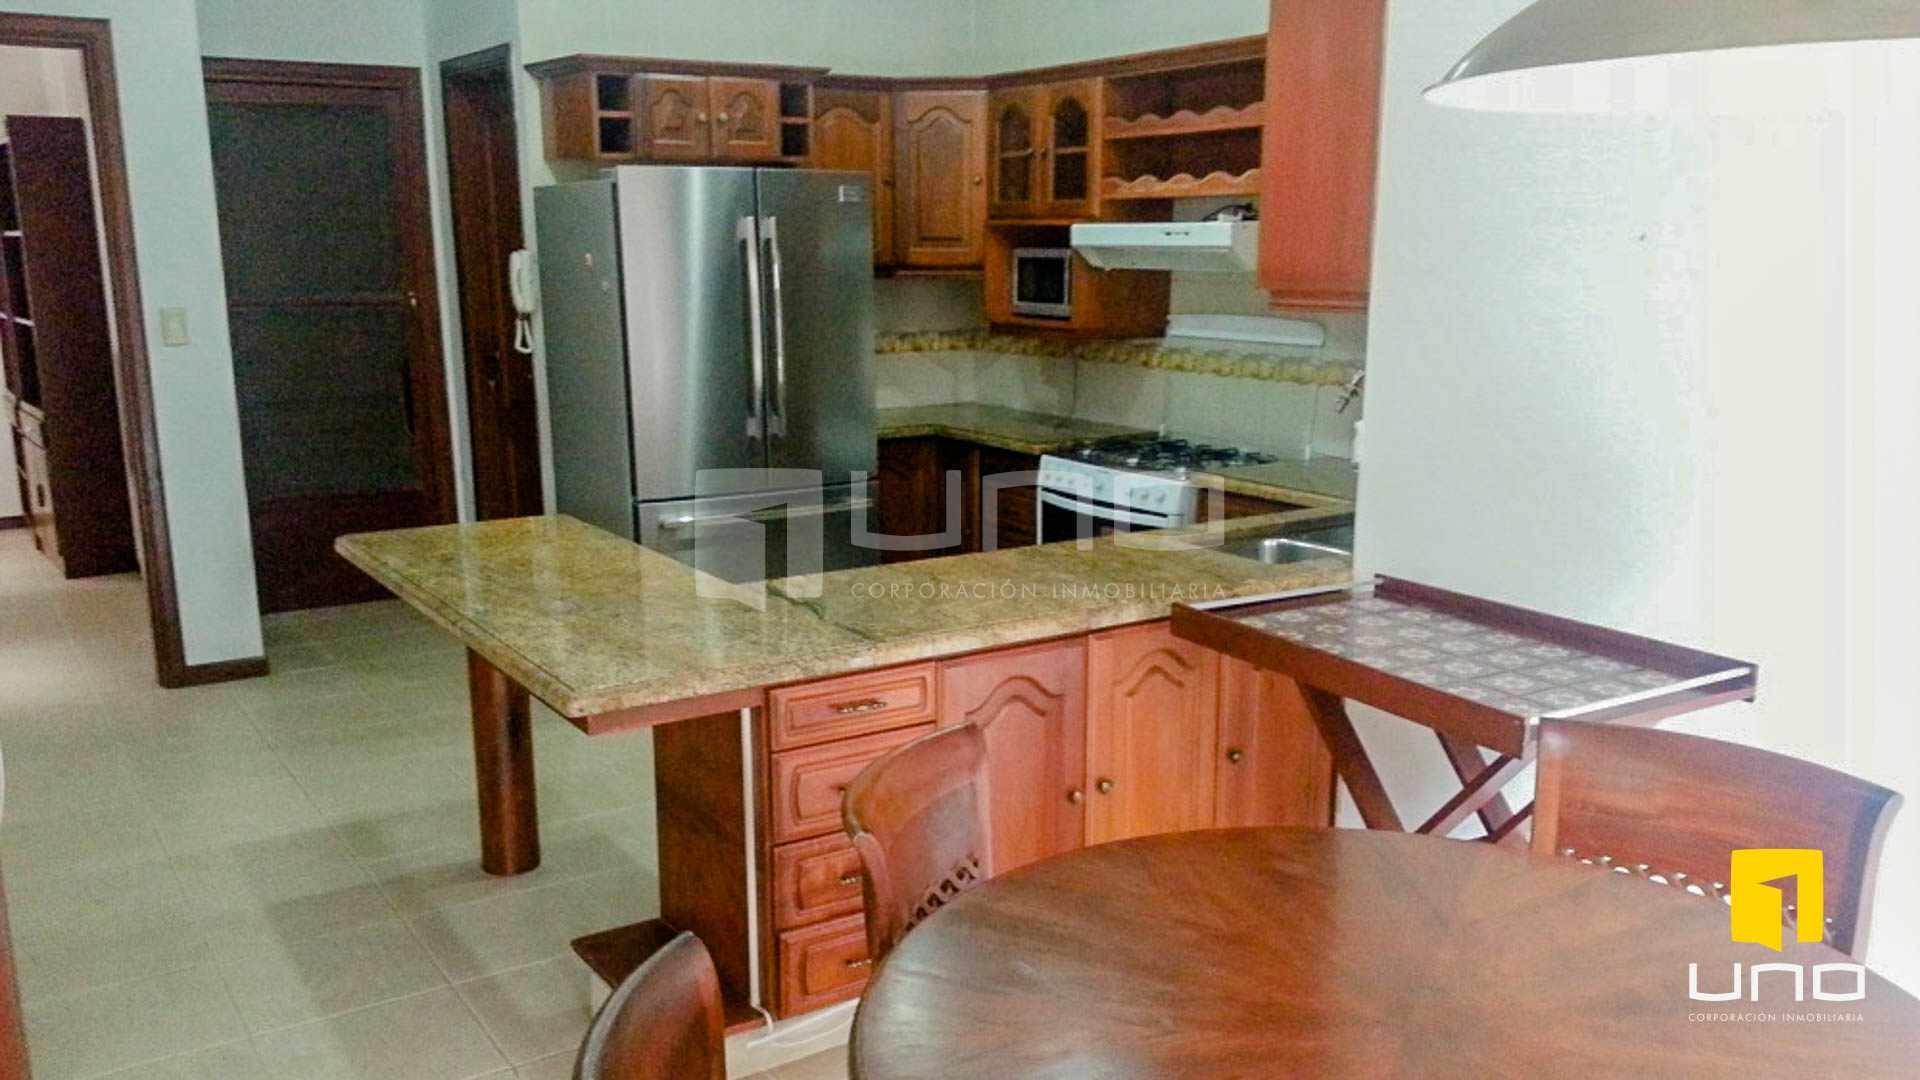 Casa en Alquiler Barrio Las Palmas alquilo amplia casa  con muebles y piscina Foto 16